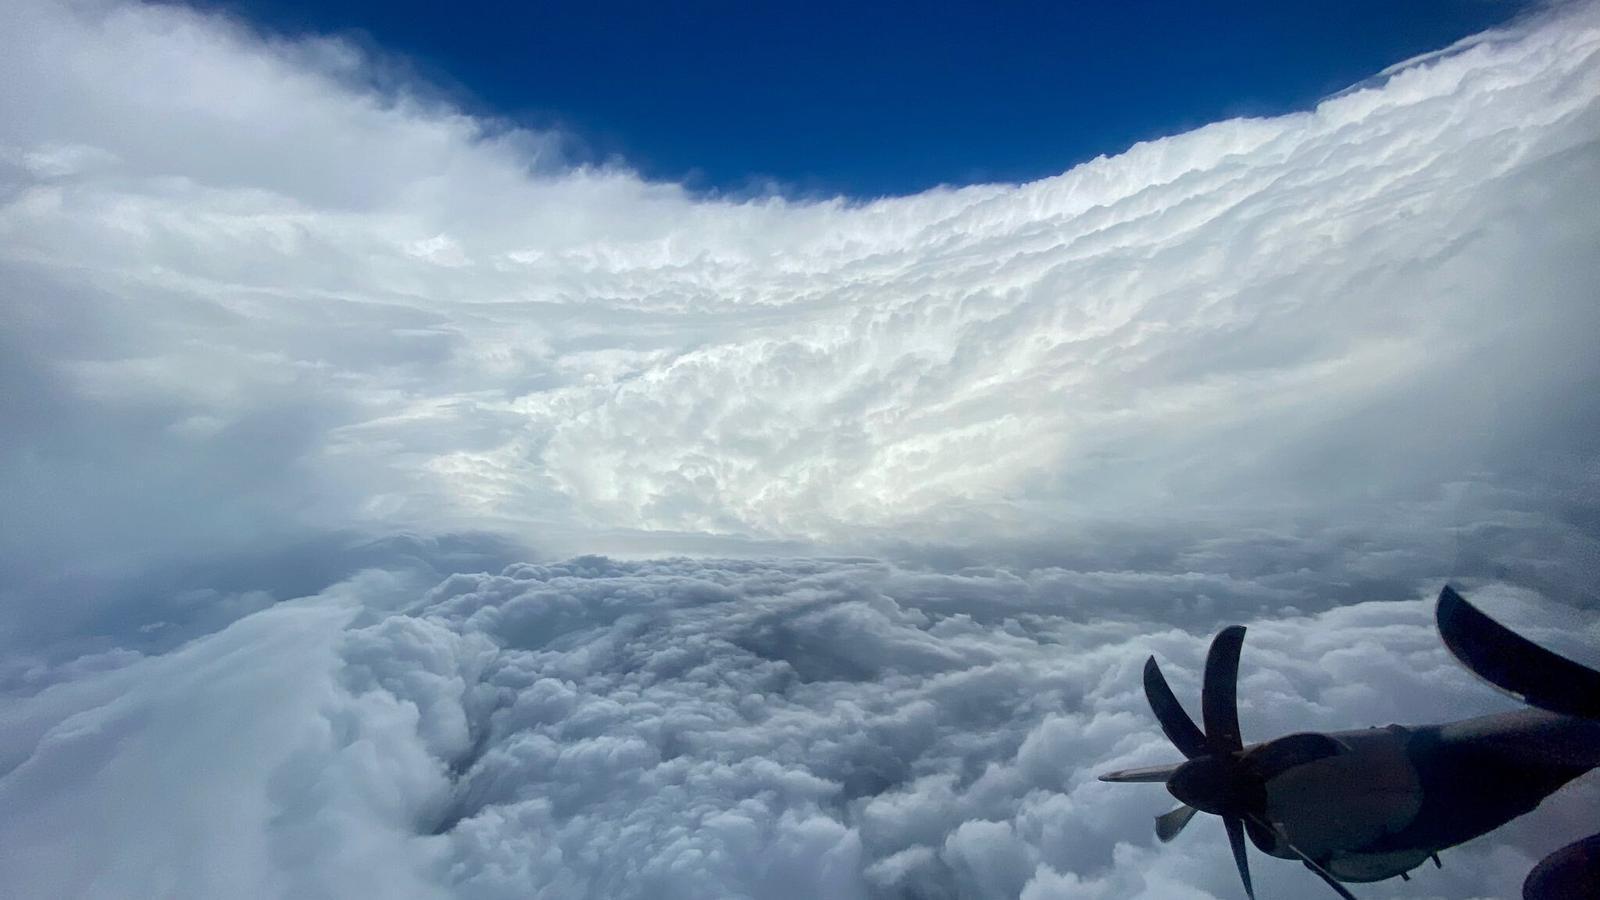 L'huracà 'Espilon' des de dins